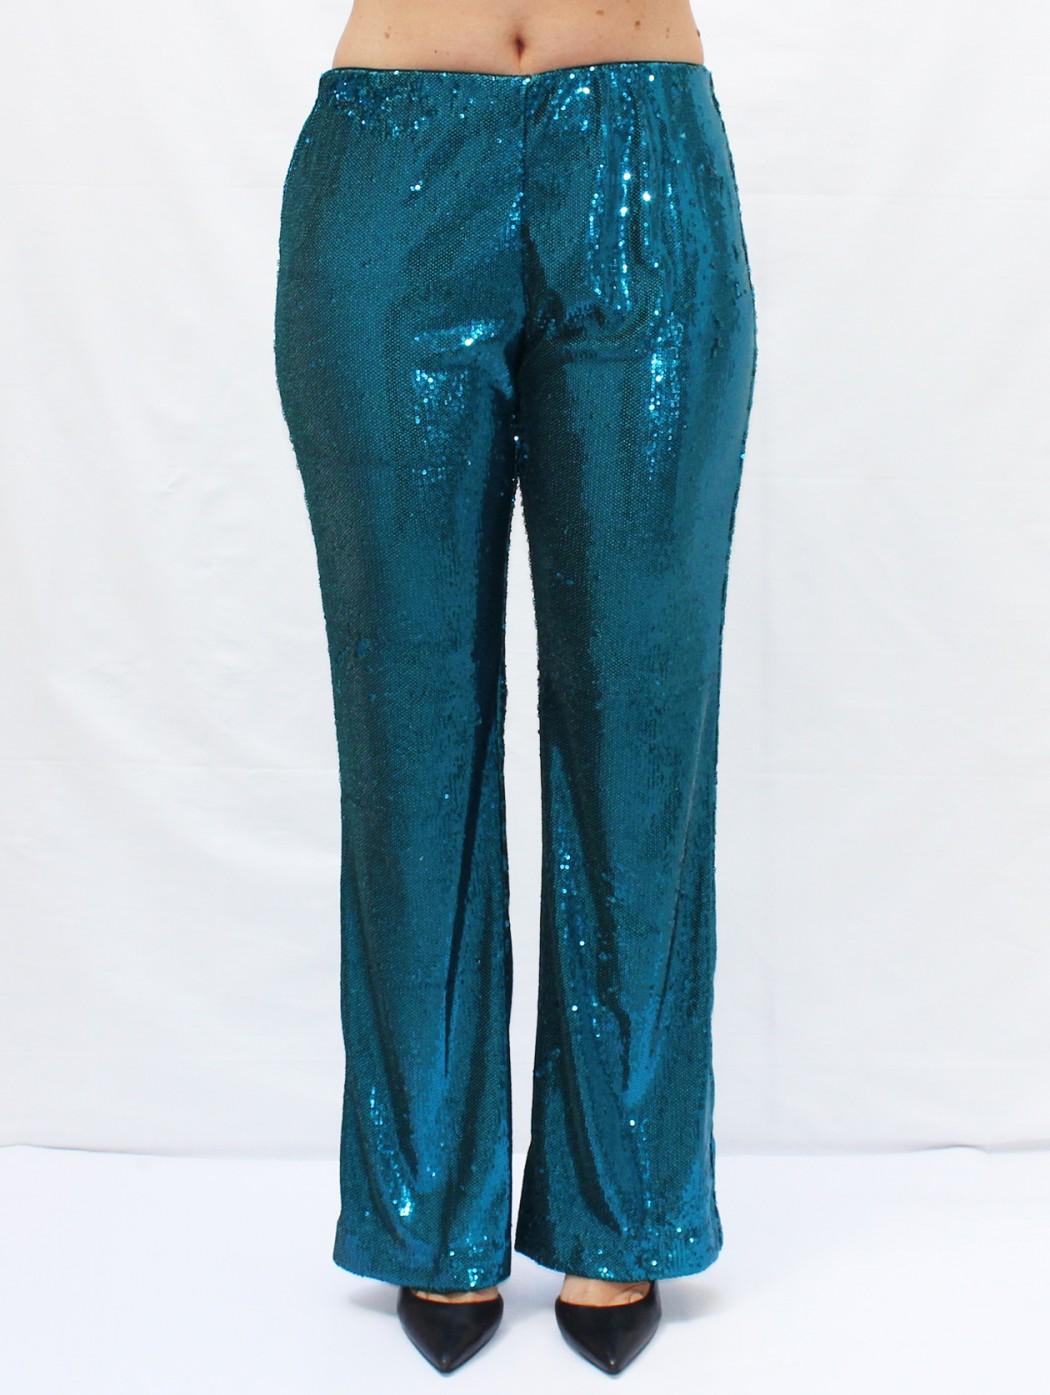 Pantaloni a zampa...